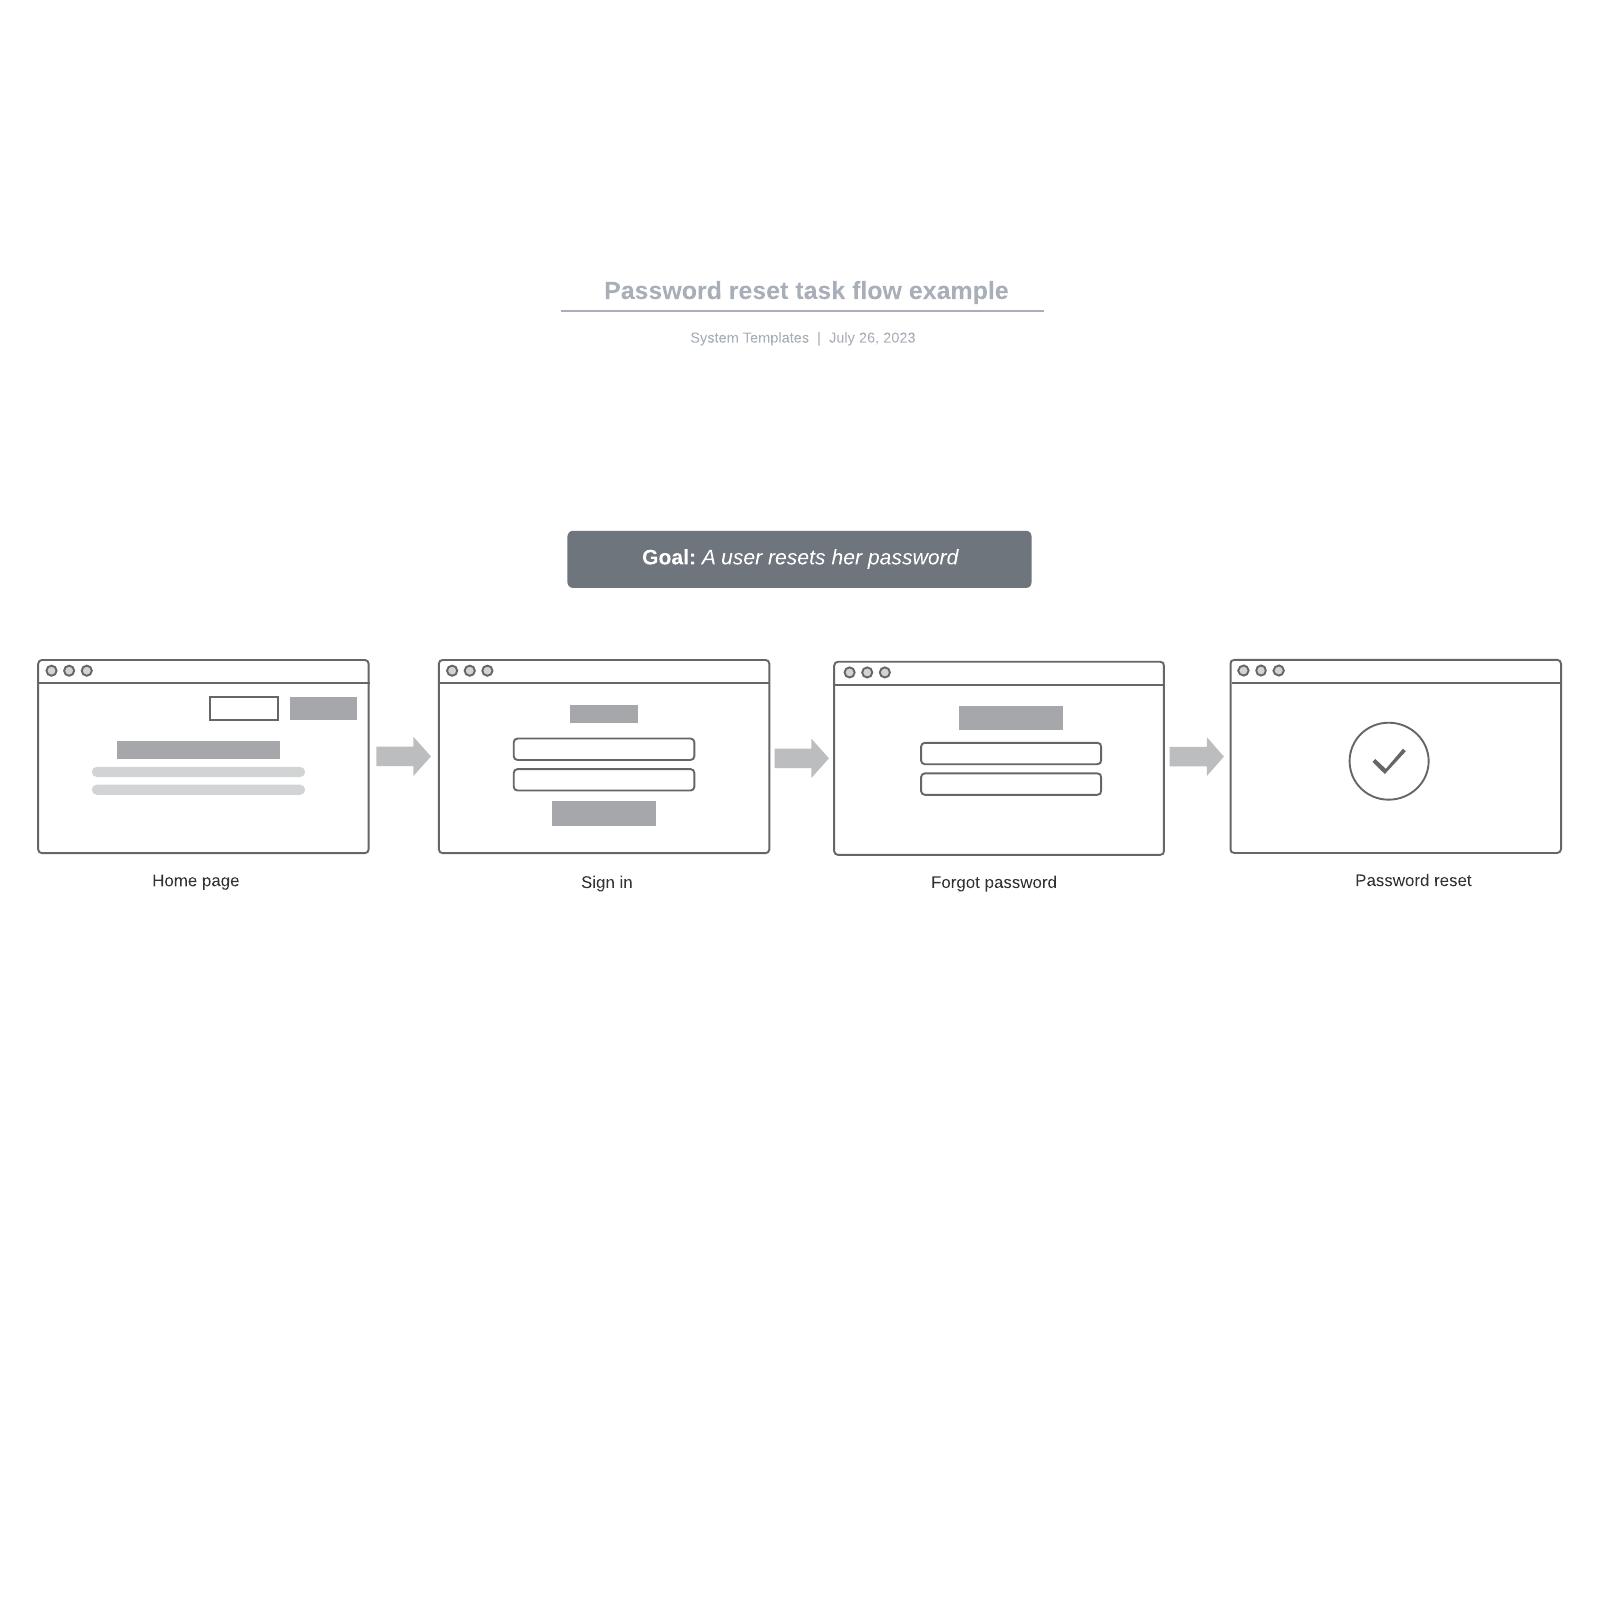 Password reset task flow example